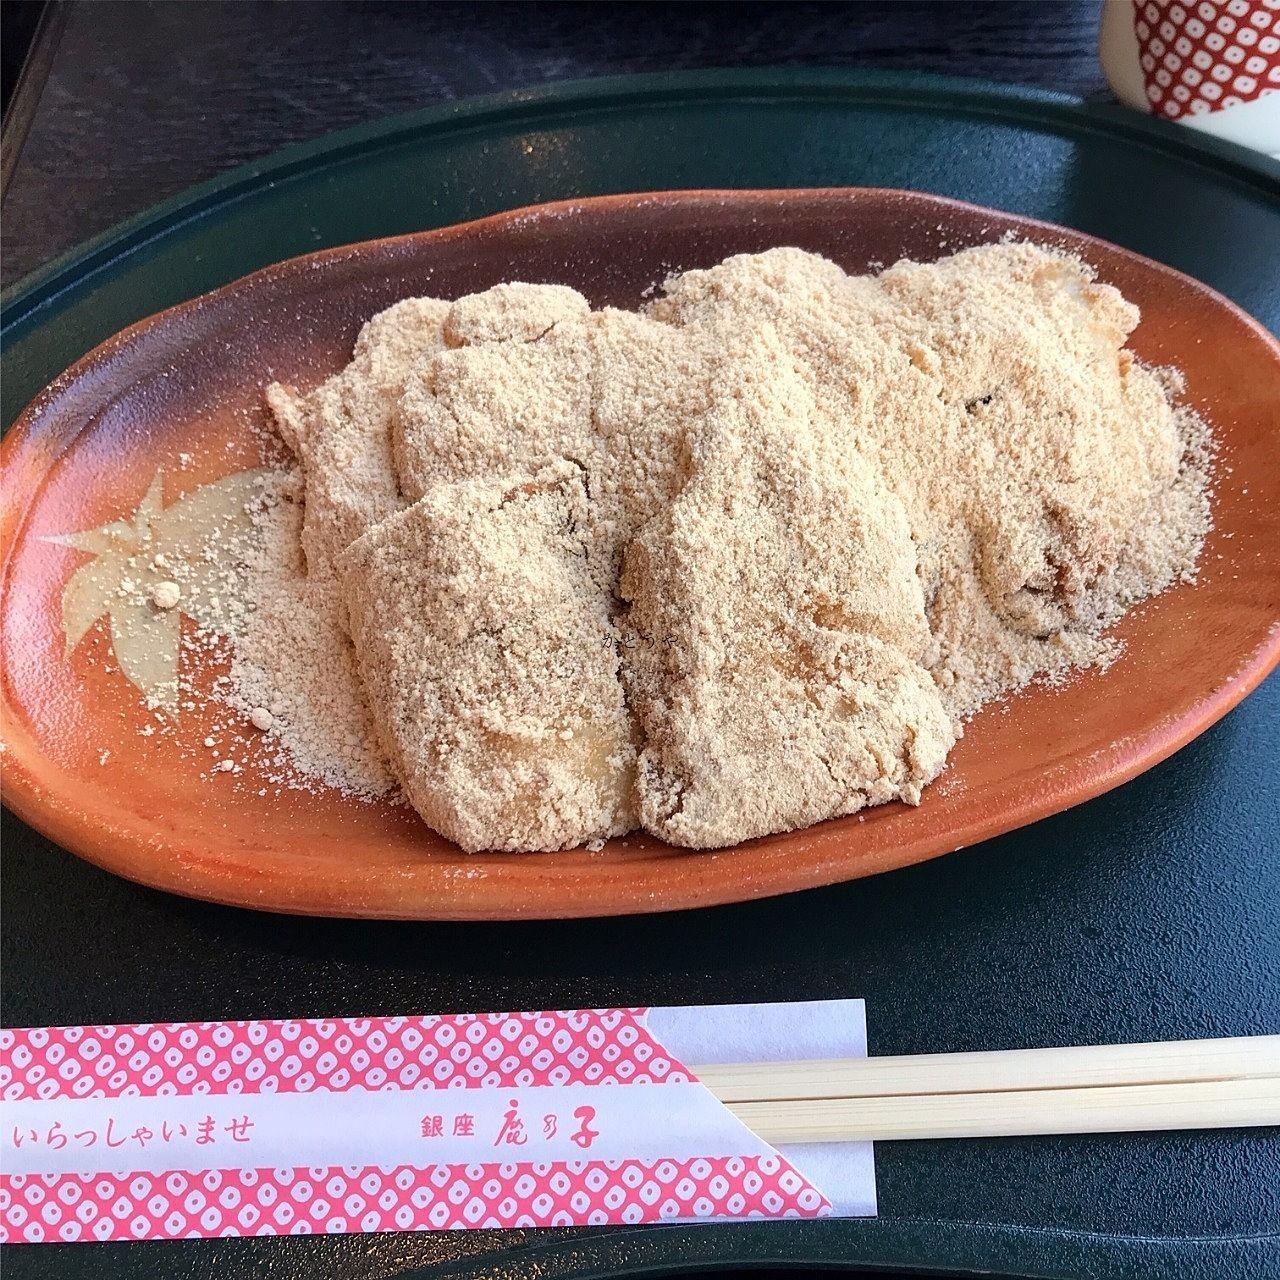 和スイーツファンに一回食べて欲しい、安倍川餅@銀座鹿の子